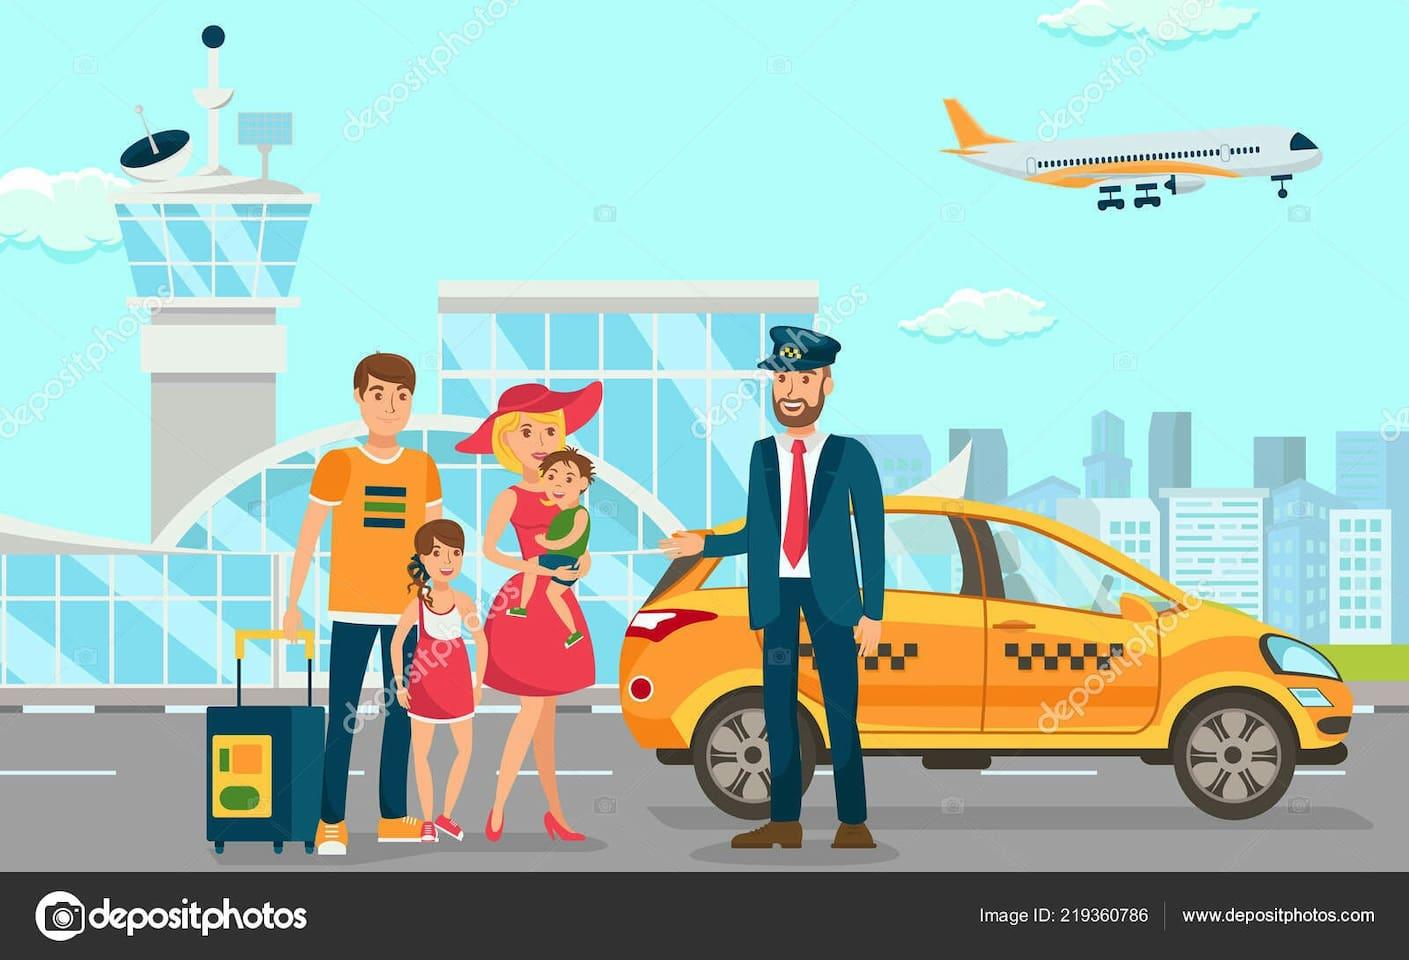 Servicio de Taxi previa reserva a los aeropuertos de Tanger ;Tetúan y puertos cercanos;aduana de ceuta.